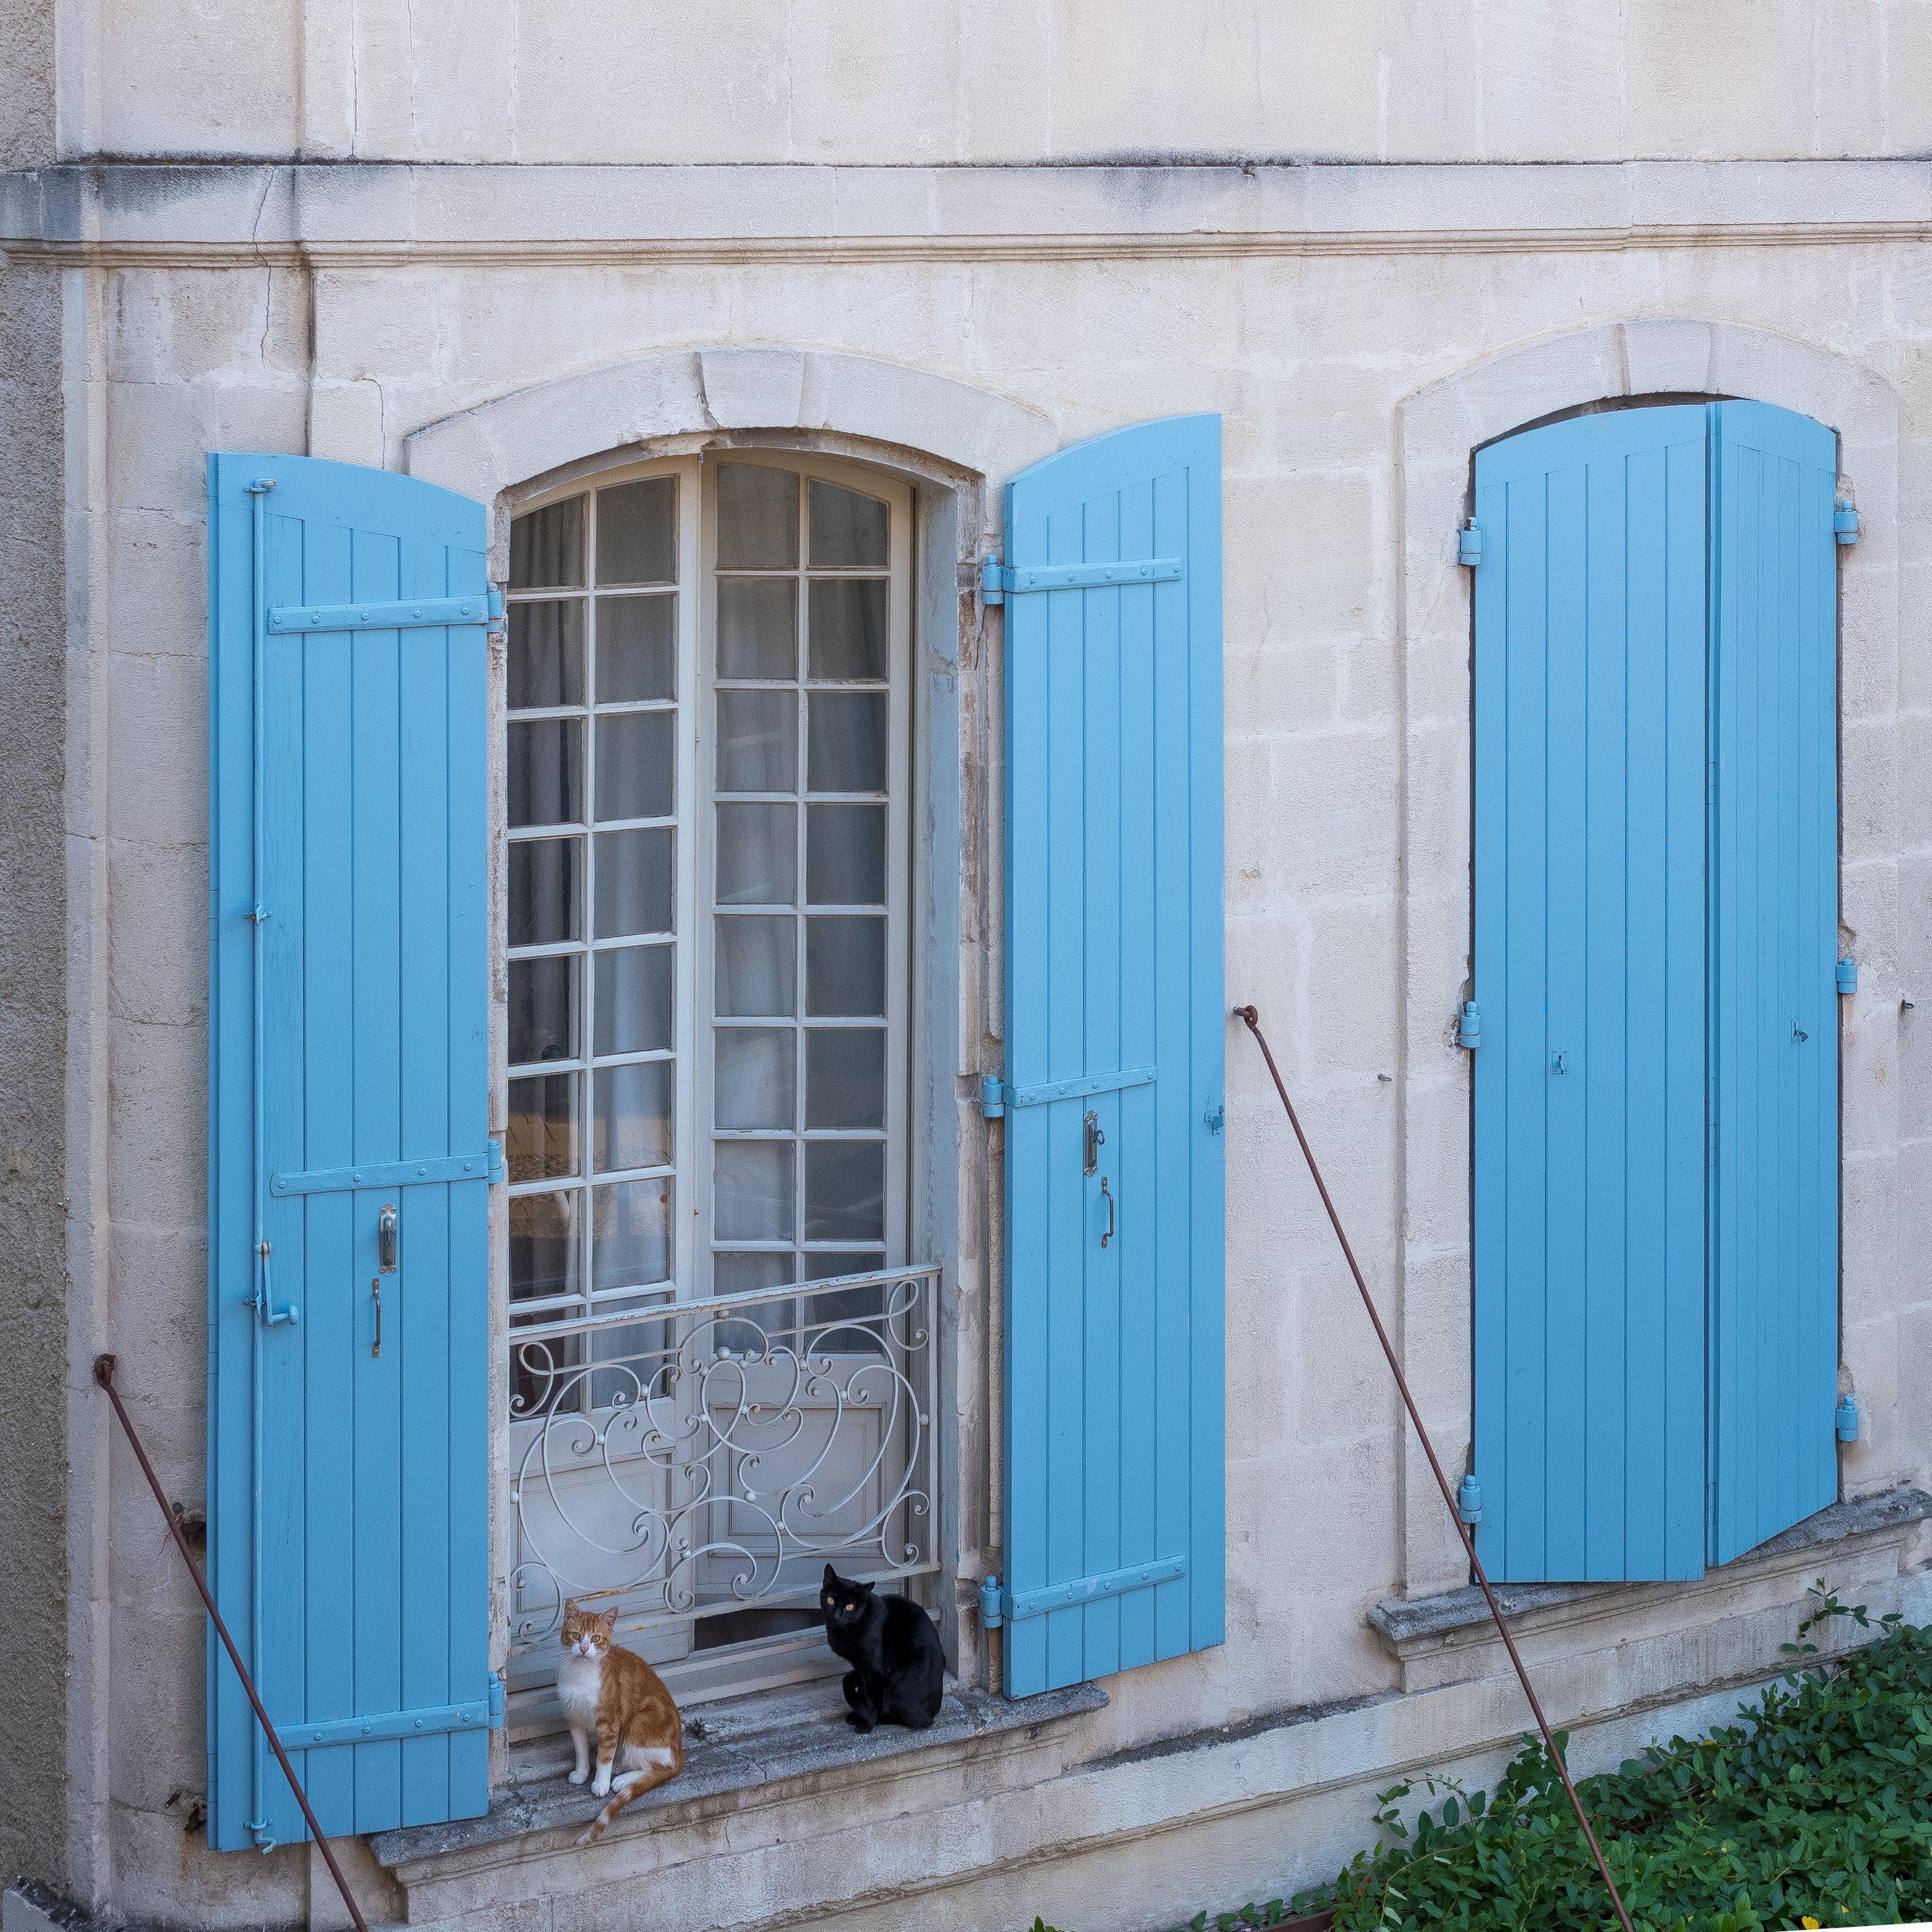 Cats, Saint-Rémy-de-Provence